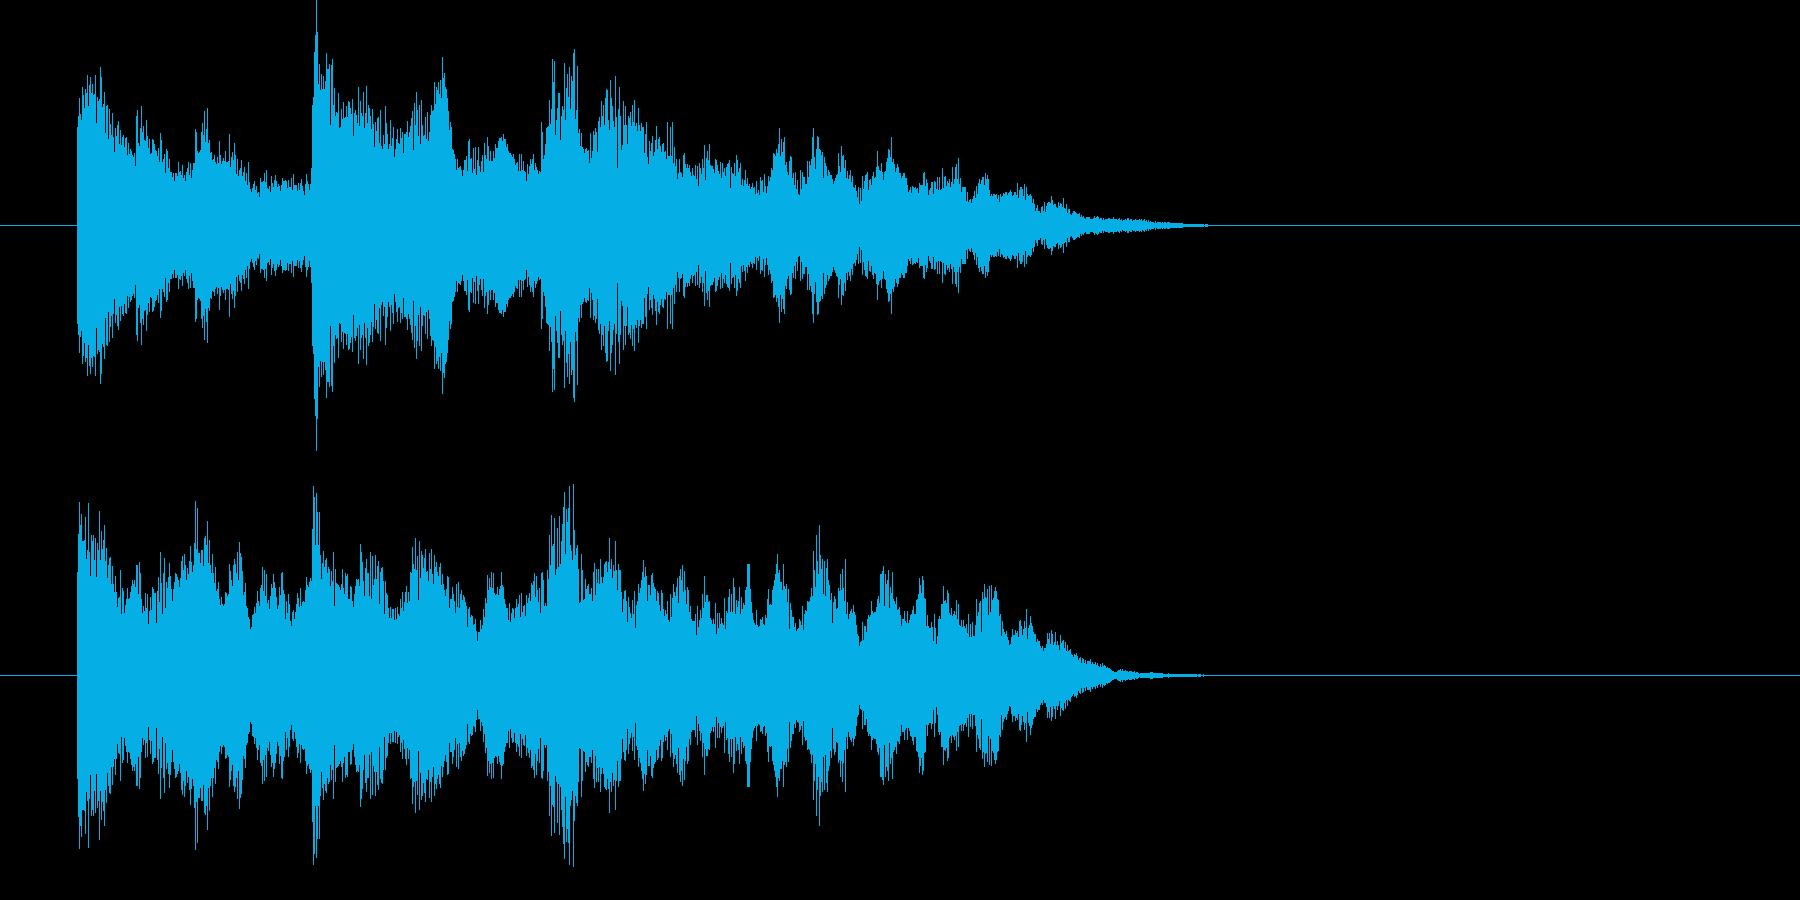 幻想的シンセサイザーによる場面転換の再生済みの波形